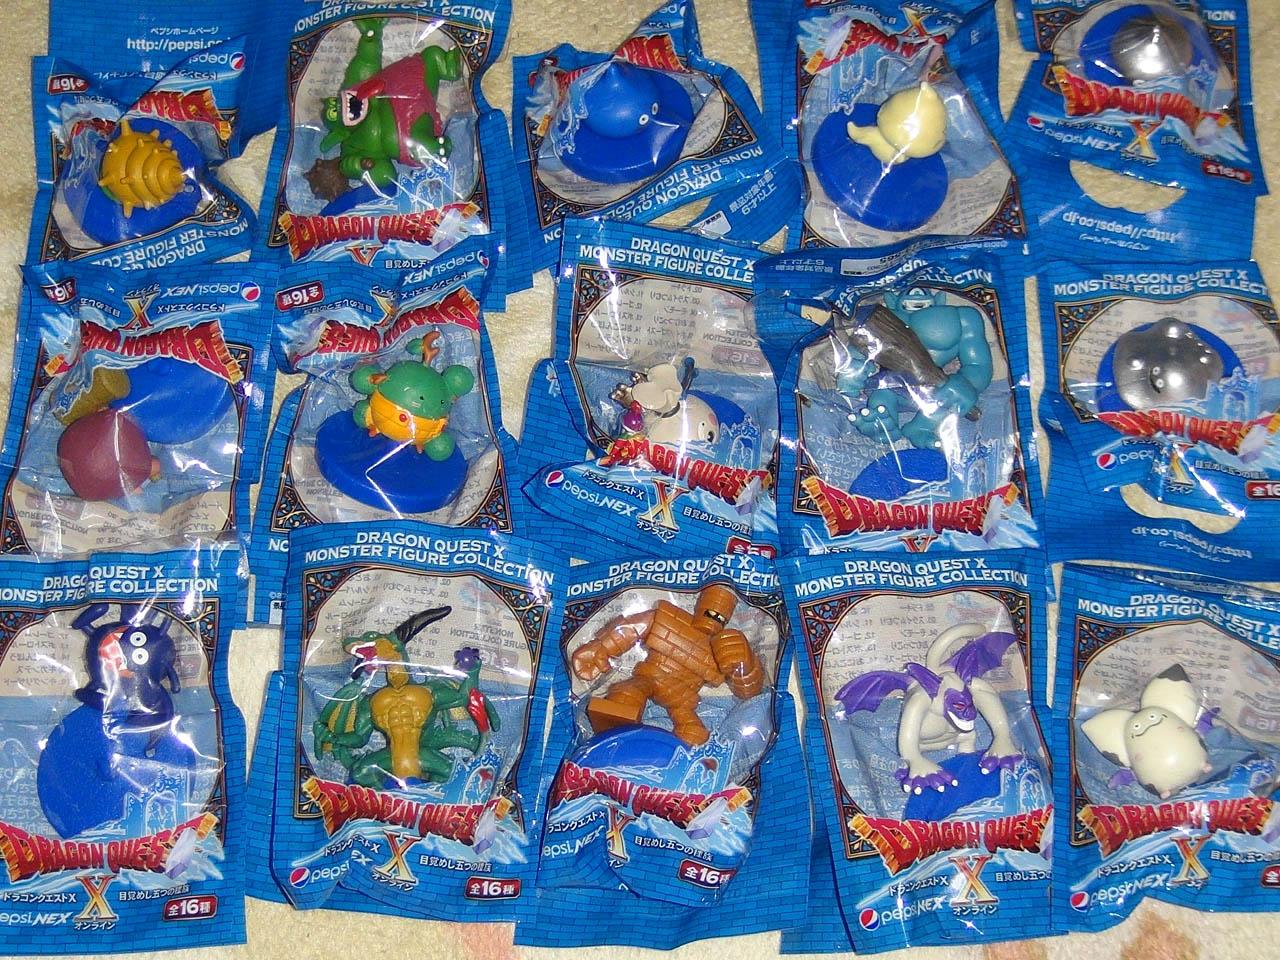 スクエニの「ドラゴンクエストX モンスターフィギュアコレクション」 梱包(おにこんぼう以外)